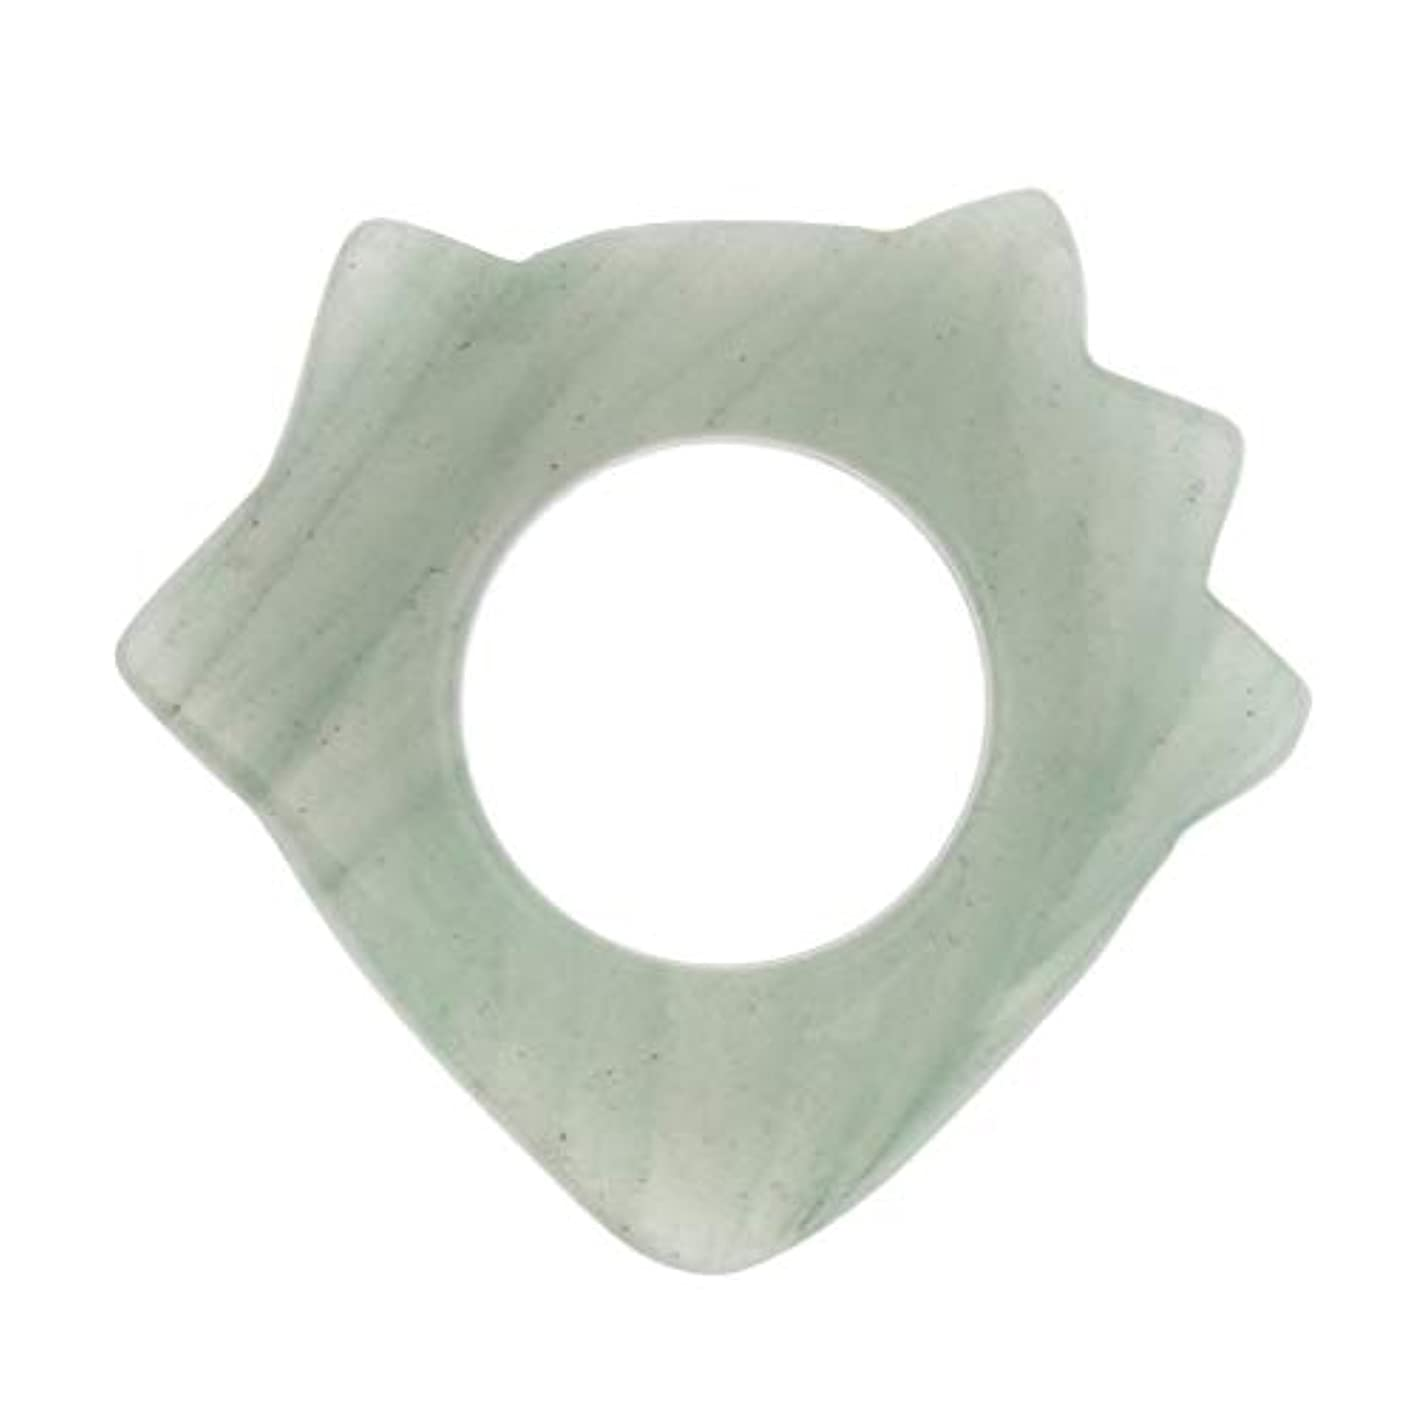 切り離す登録石化するかっさプレート マッサージ 美顔 天然翡翠 高品質 ポータブル ギフト 健康用品 疲労緩解 5種選ぶ - 1